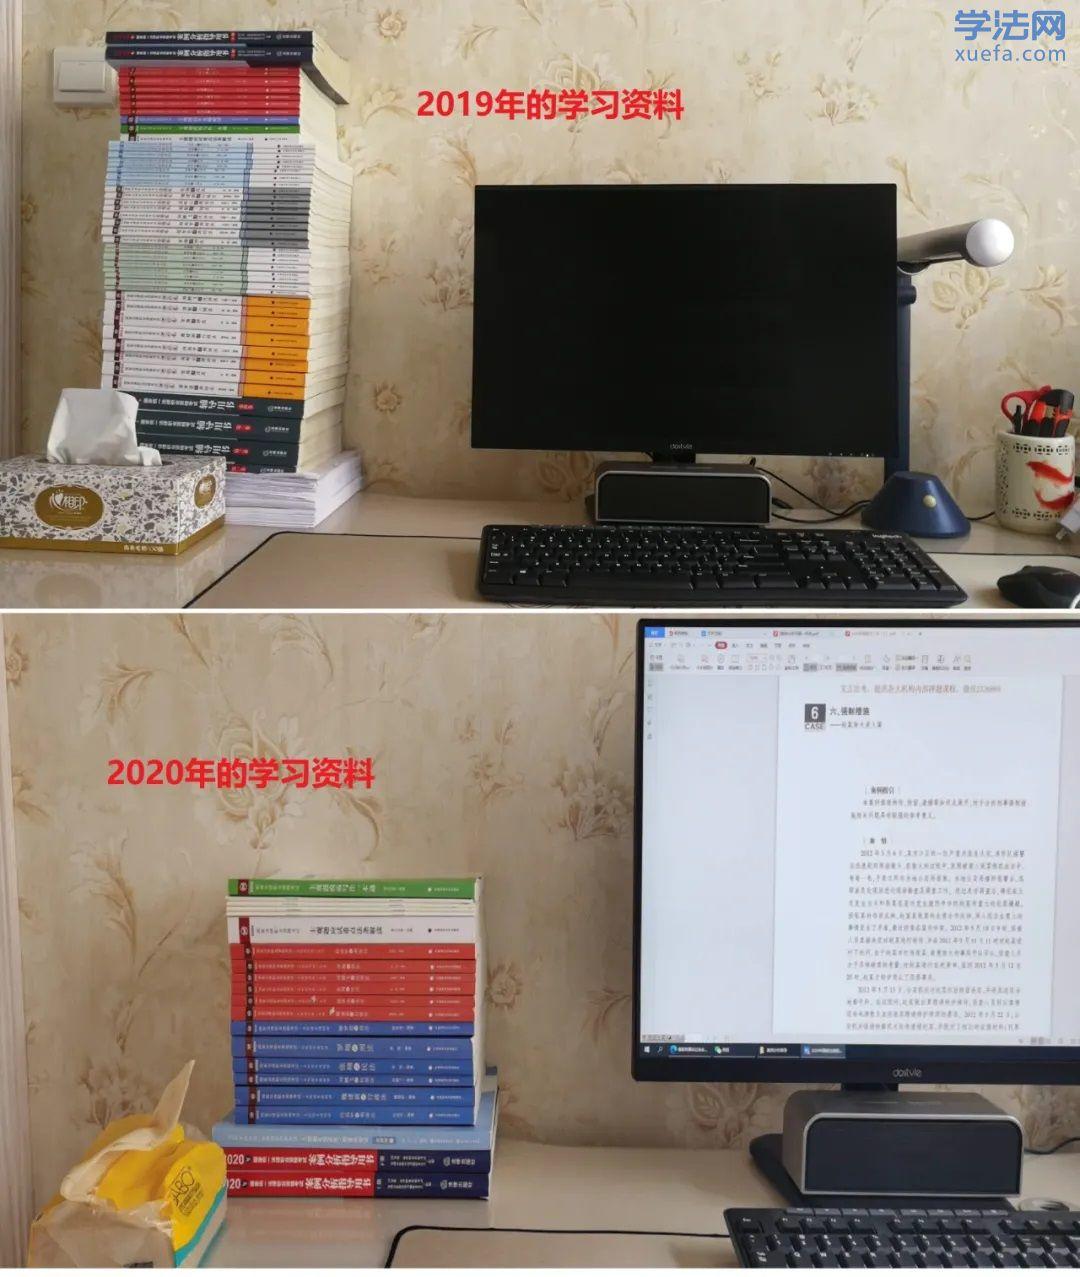 学习资料.jpg